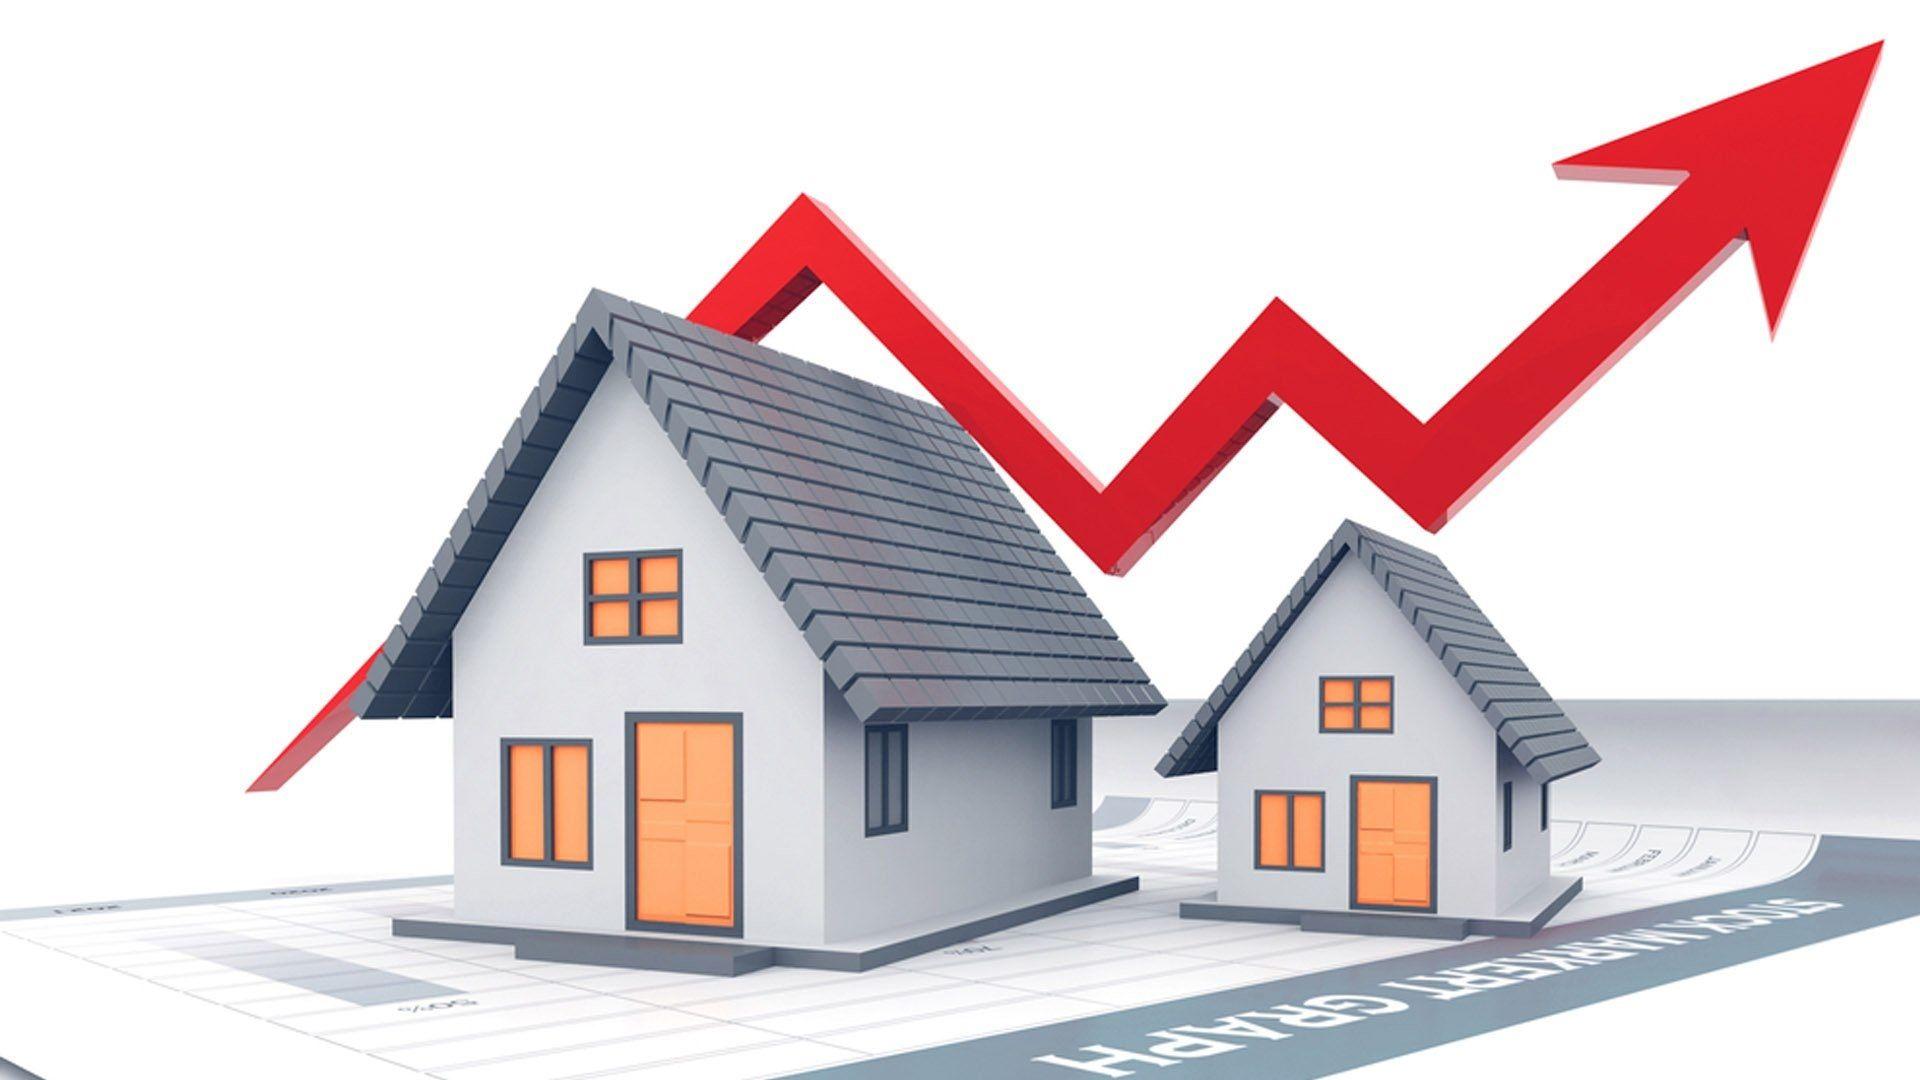 Недвижимость: сложные расчеты простого спроса- Kapital.kz